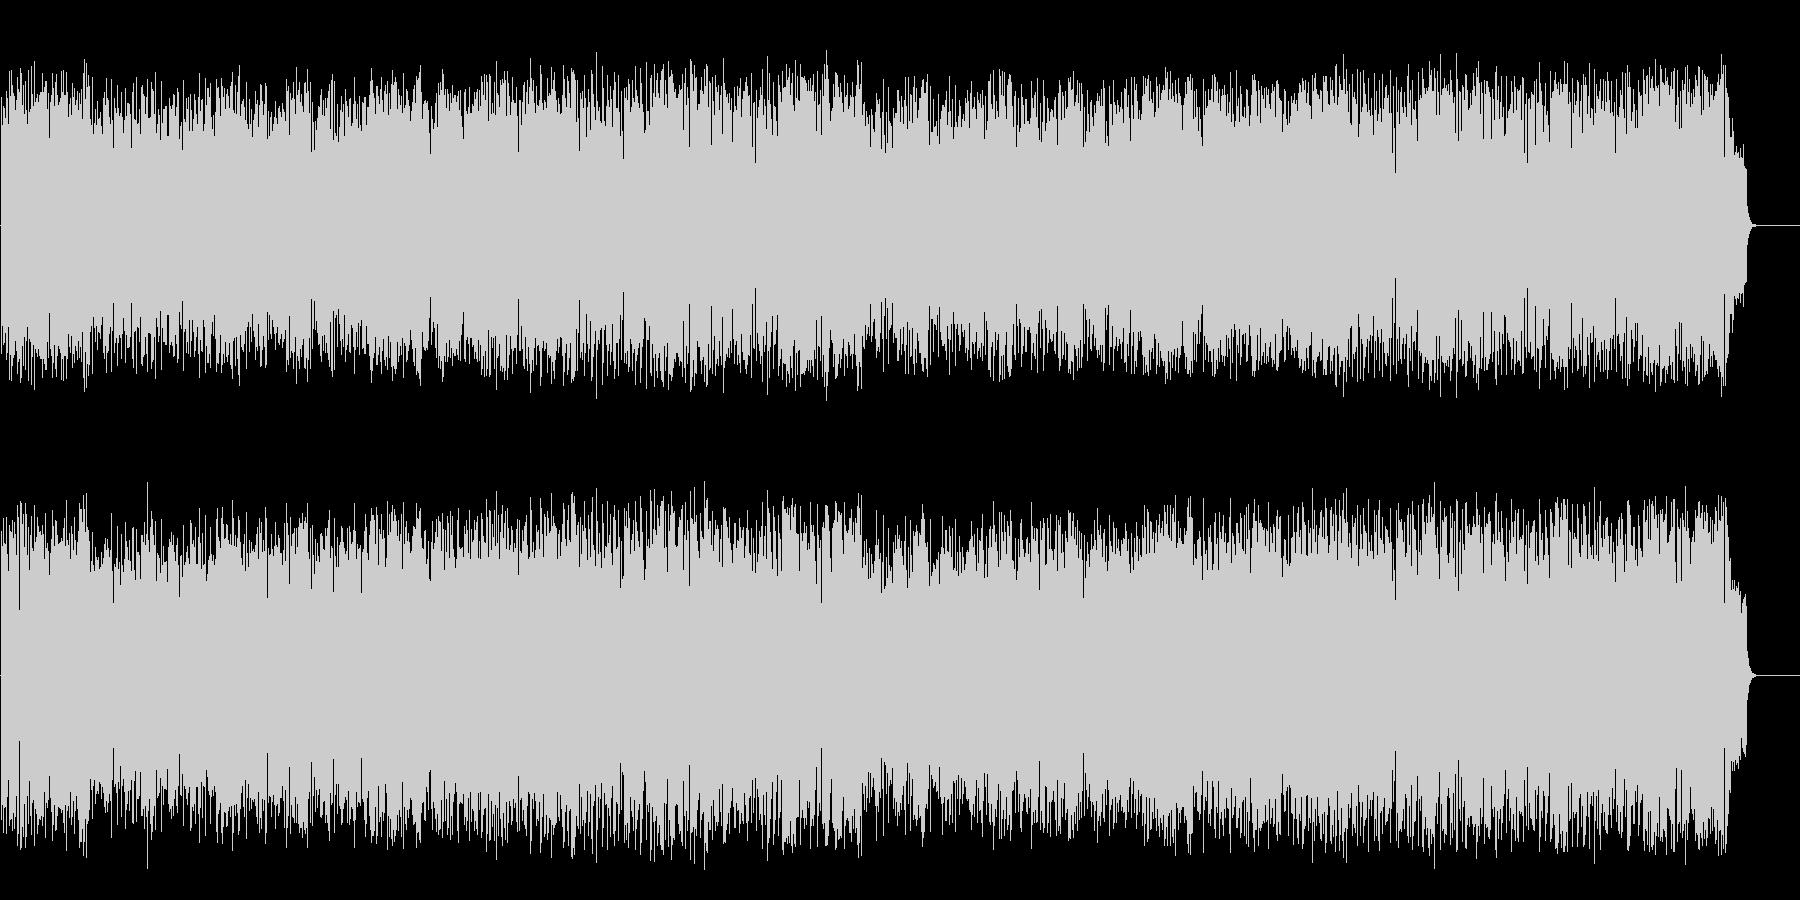 ハツラツな8ビートポップ(フルサイズ)の未再生の波形